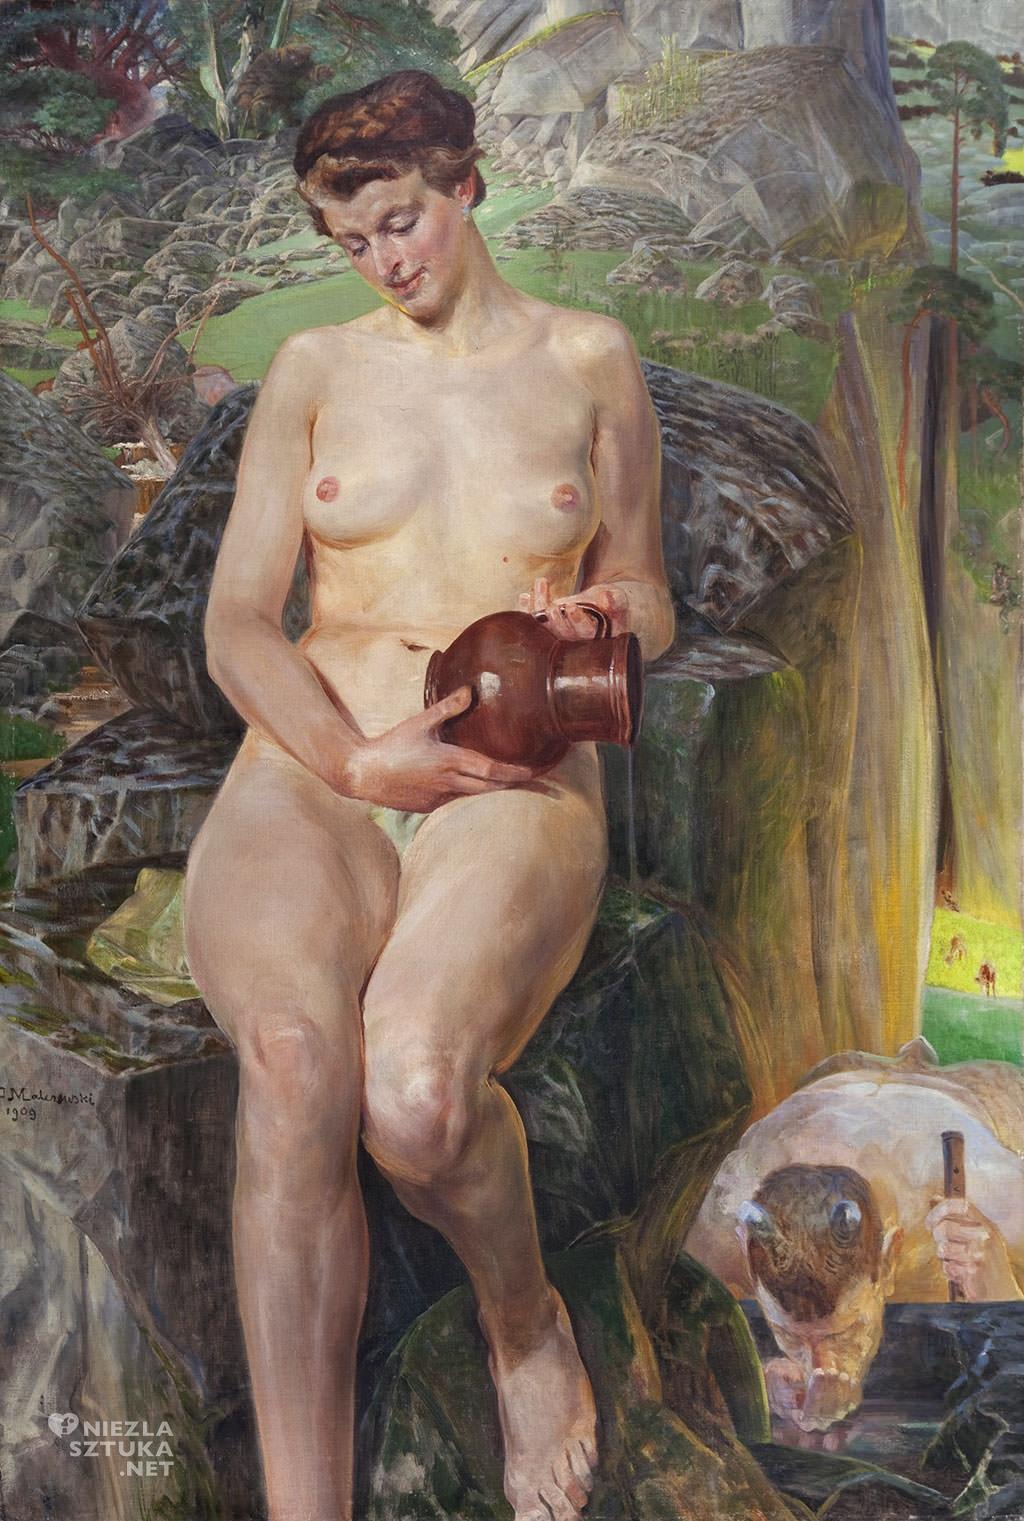 Jacek Malczewski, U źródła prawdy, 1909, kolekcja prywatna, sztuka polska, symbolizm, Niezła sztuka